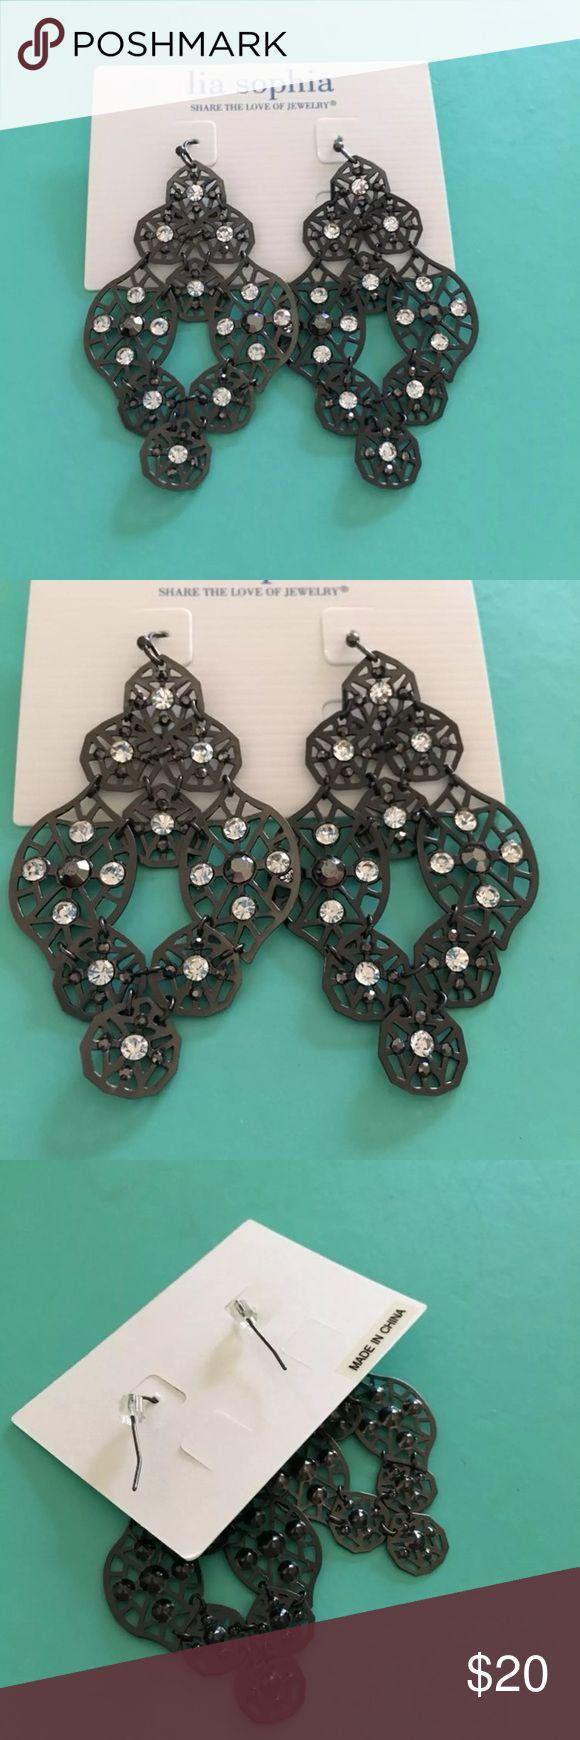 Lia Sophia Scruples Earrings New in Box Price is Firm Lia Sophia Scruples Earrings Lia Sophia Jewelry Earrings